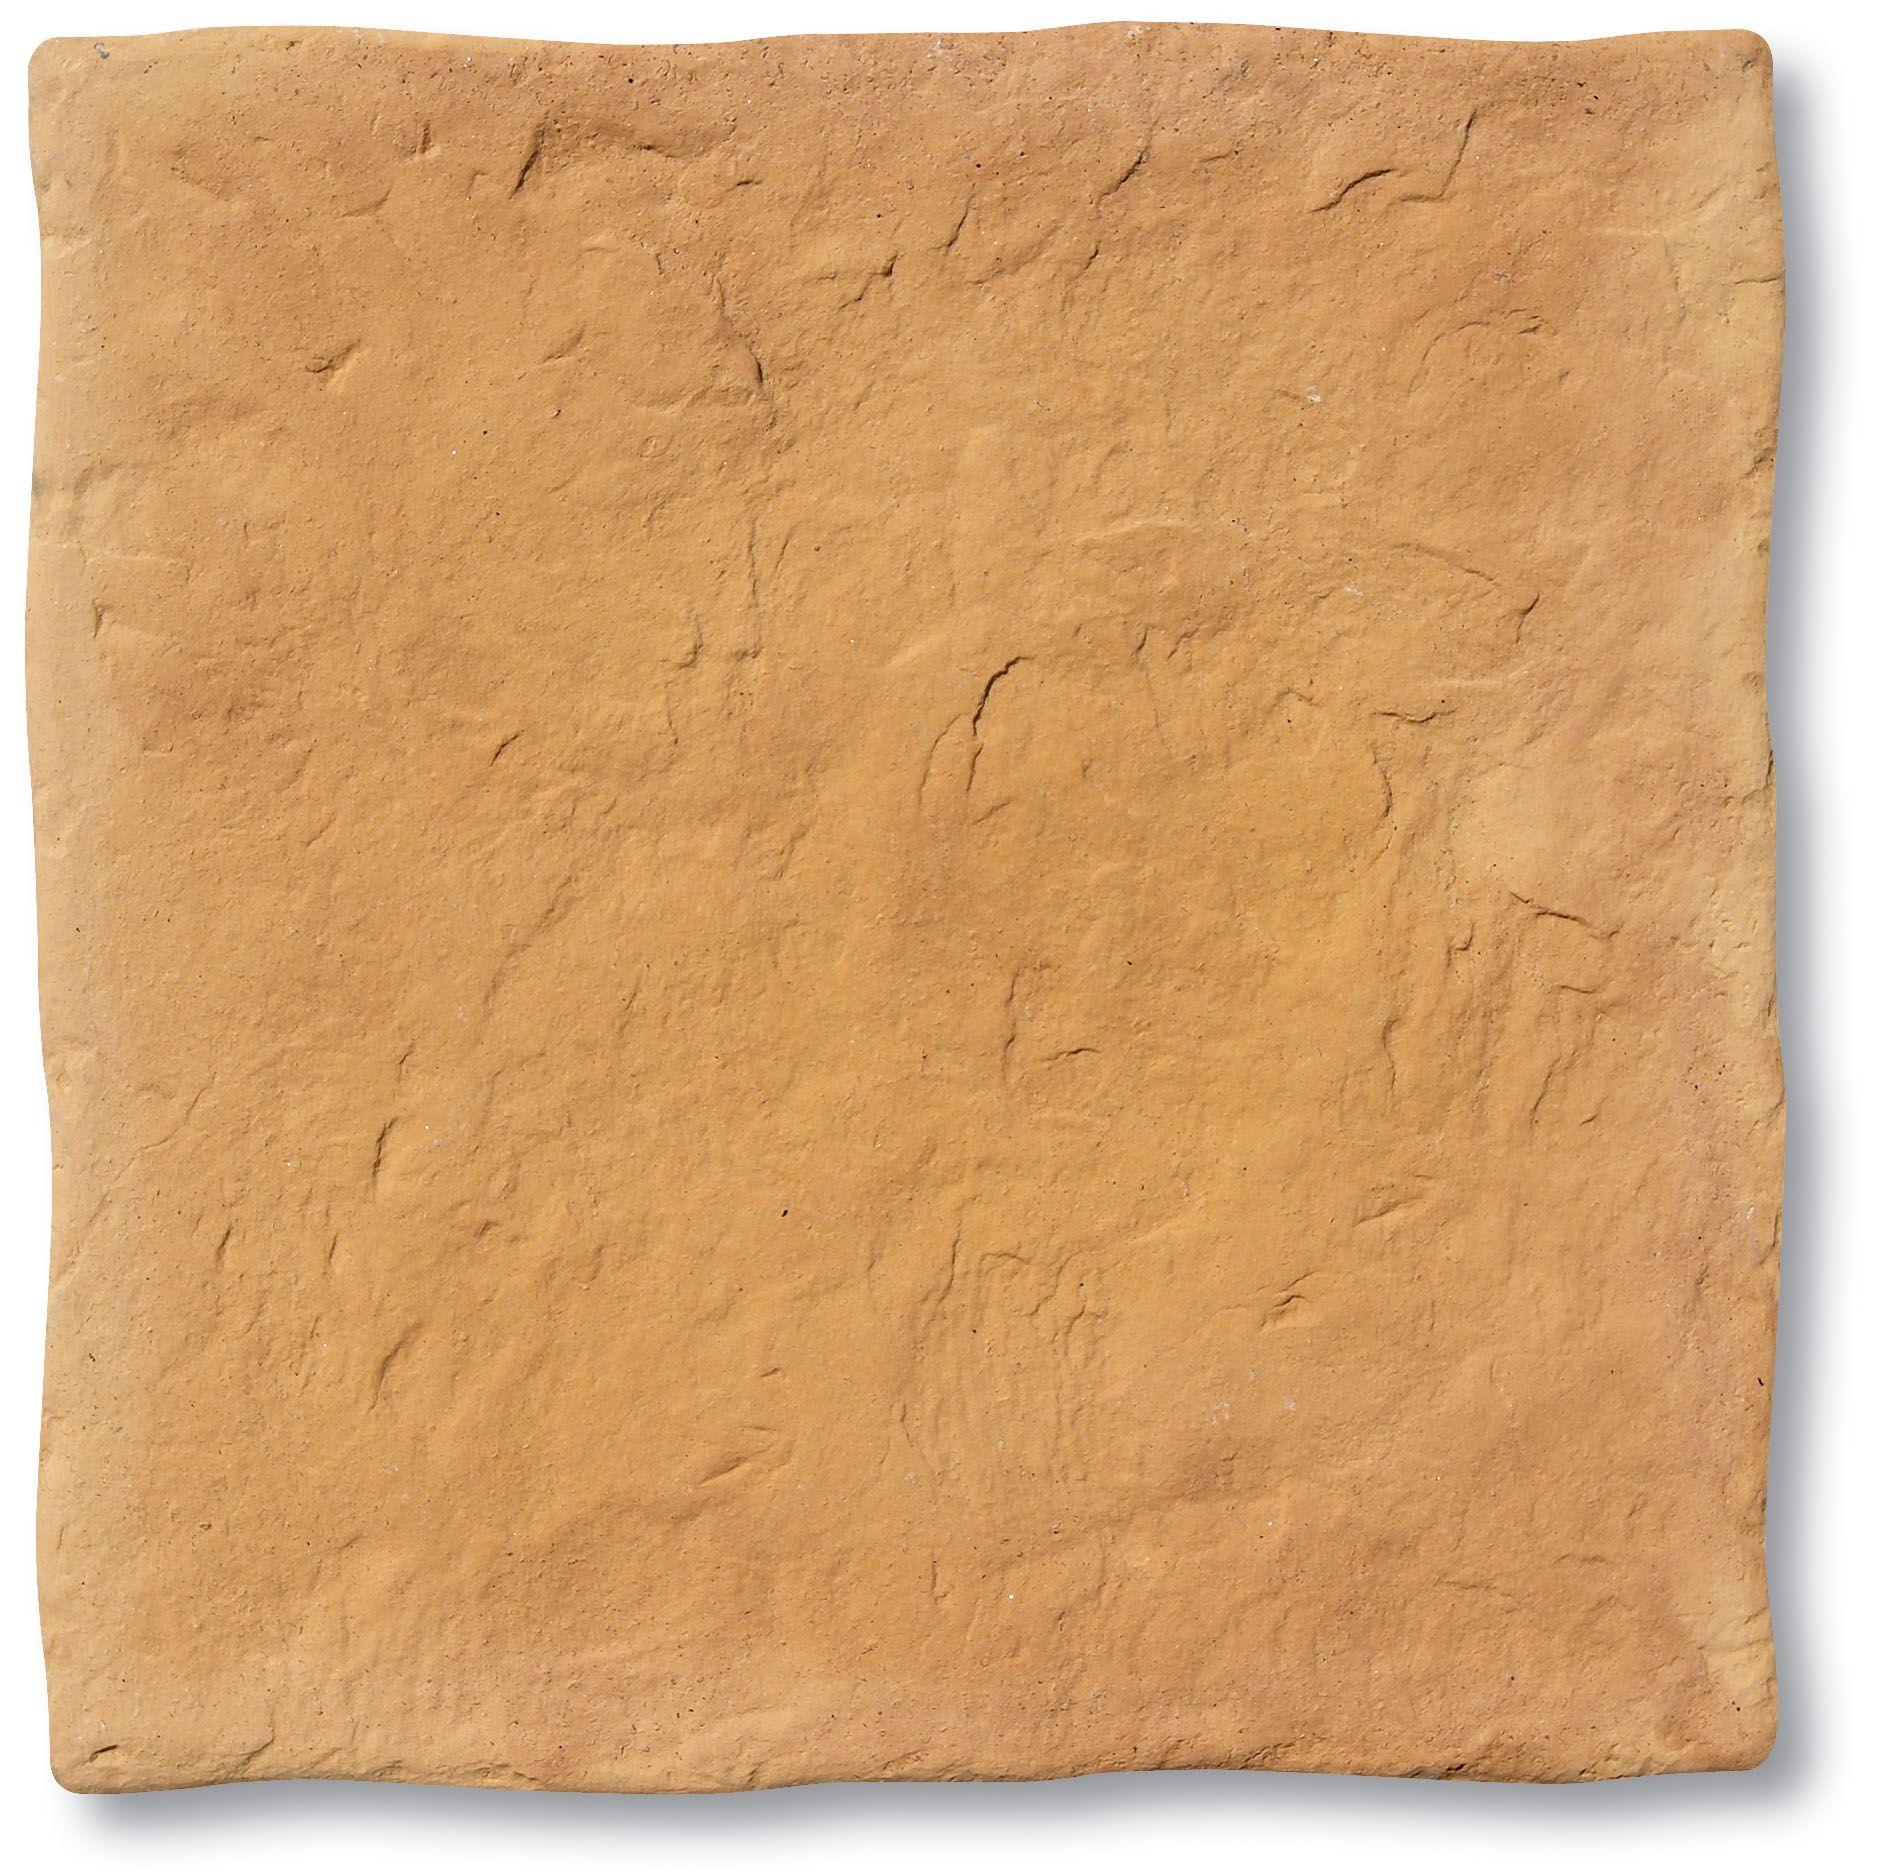 Bk 44 formato 40x40x4 cm composici n baldosa de for Hormigon encerado sobre suelo de baldosas